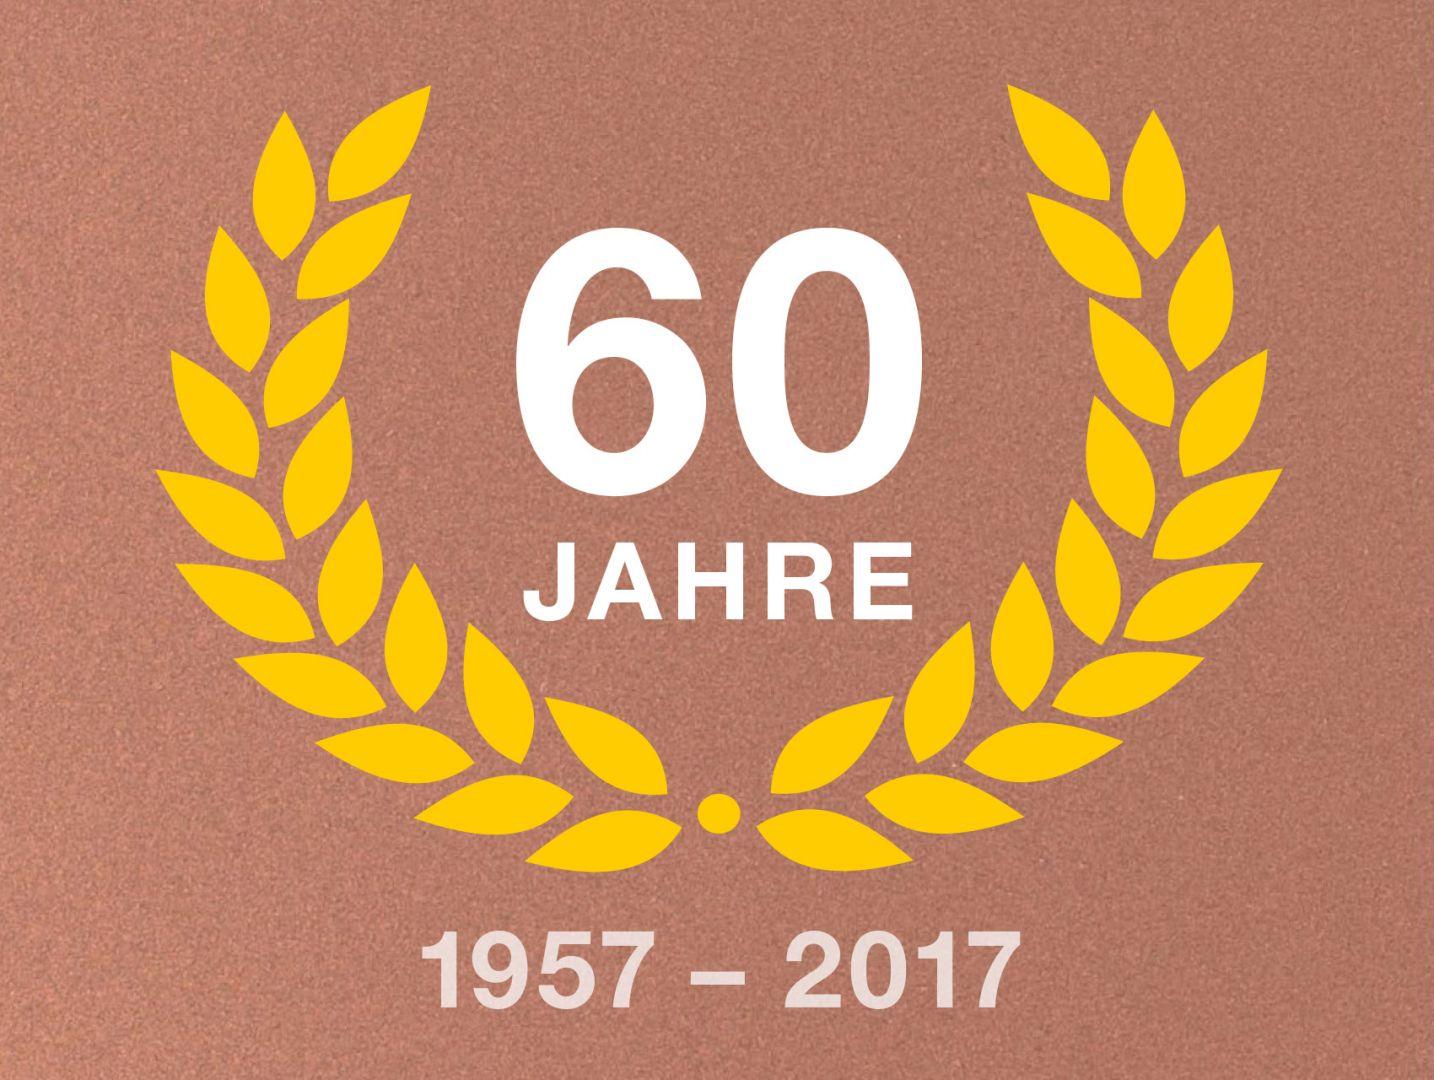 FГјr Гјber 60 Jahre